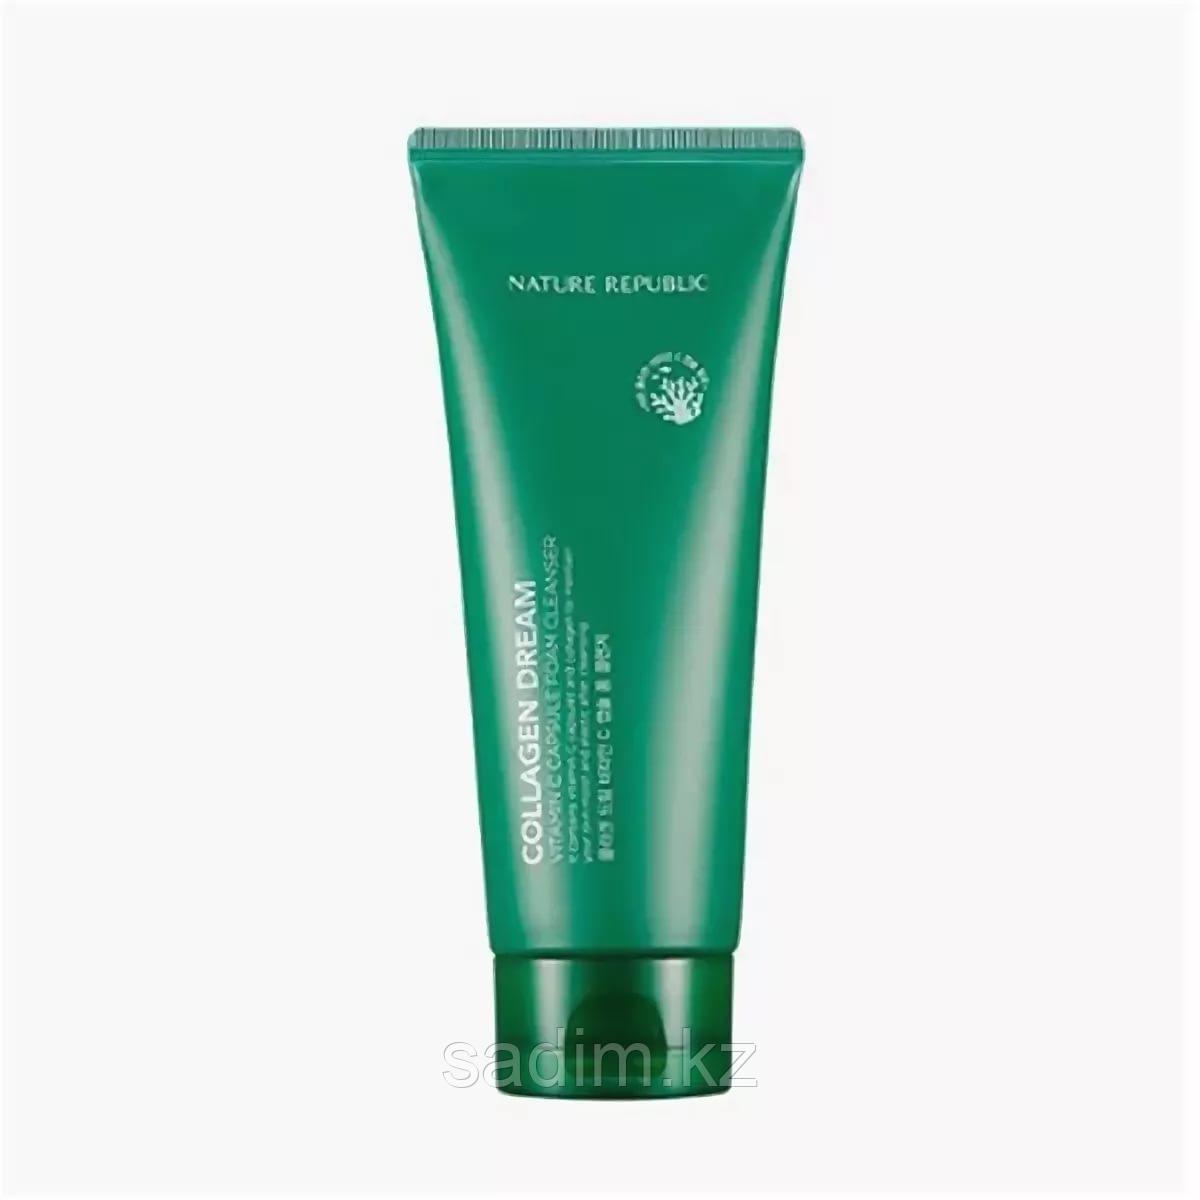 Nature Republic Collagen Dream Vitamin C Capsule Foam Cleanser -  Пенка для умывания